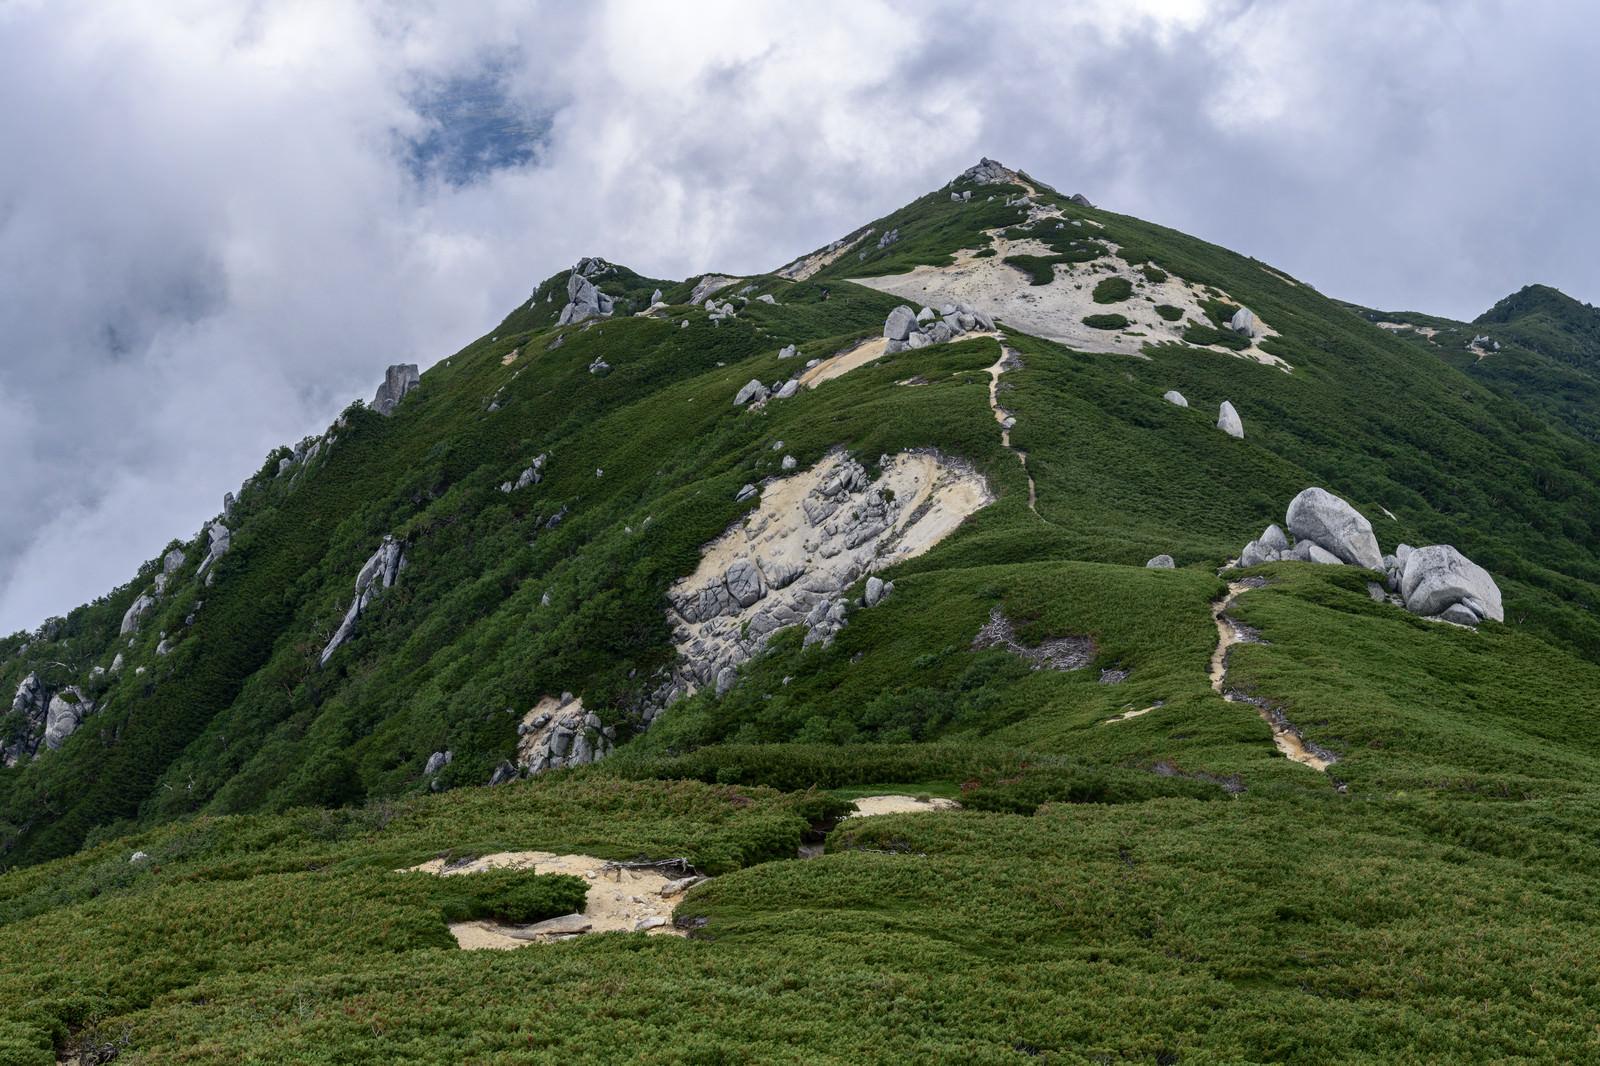 「池山尾根稜線から空木岳山頂方面を眺める景色」の写真